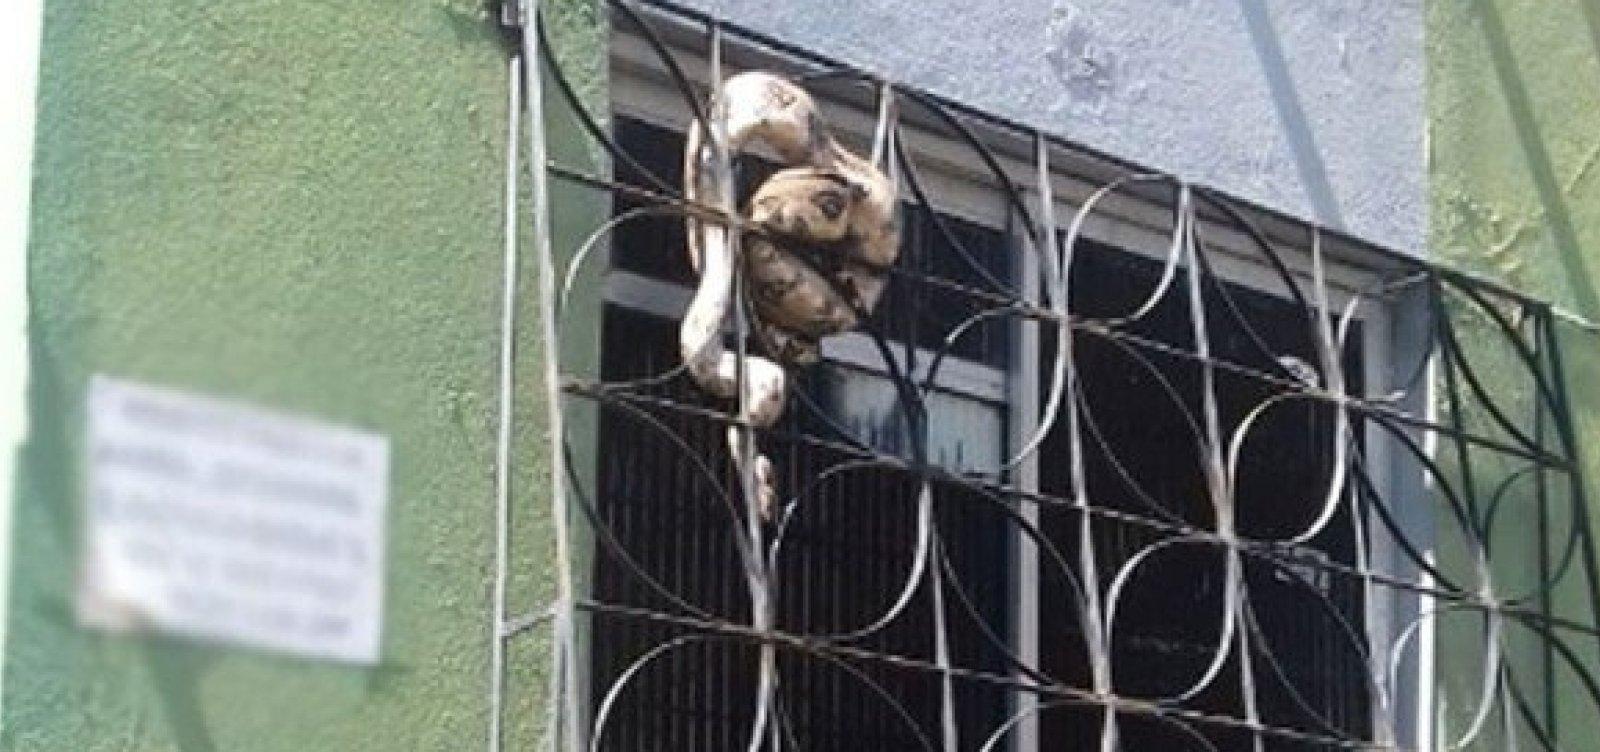 Jiboia de quase dois metros é encontrada em janela de apartamento